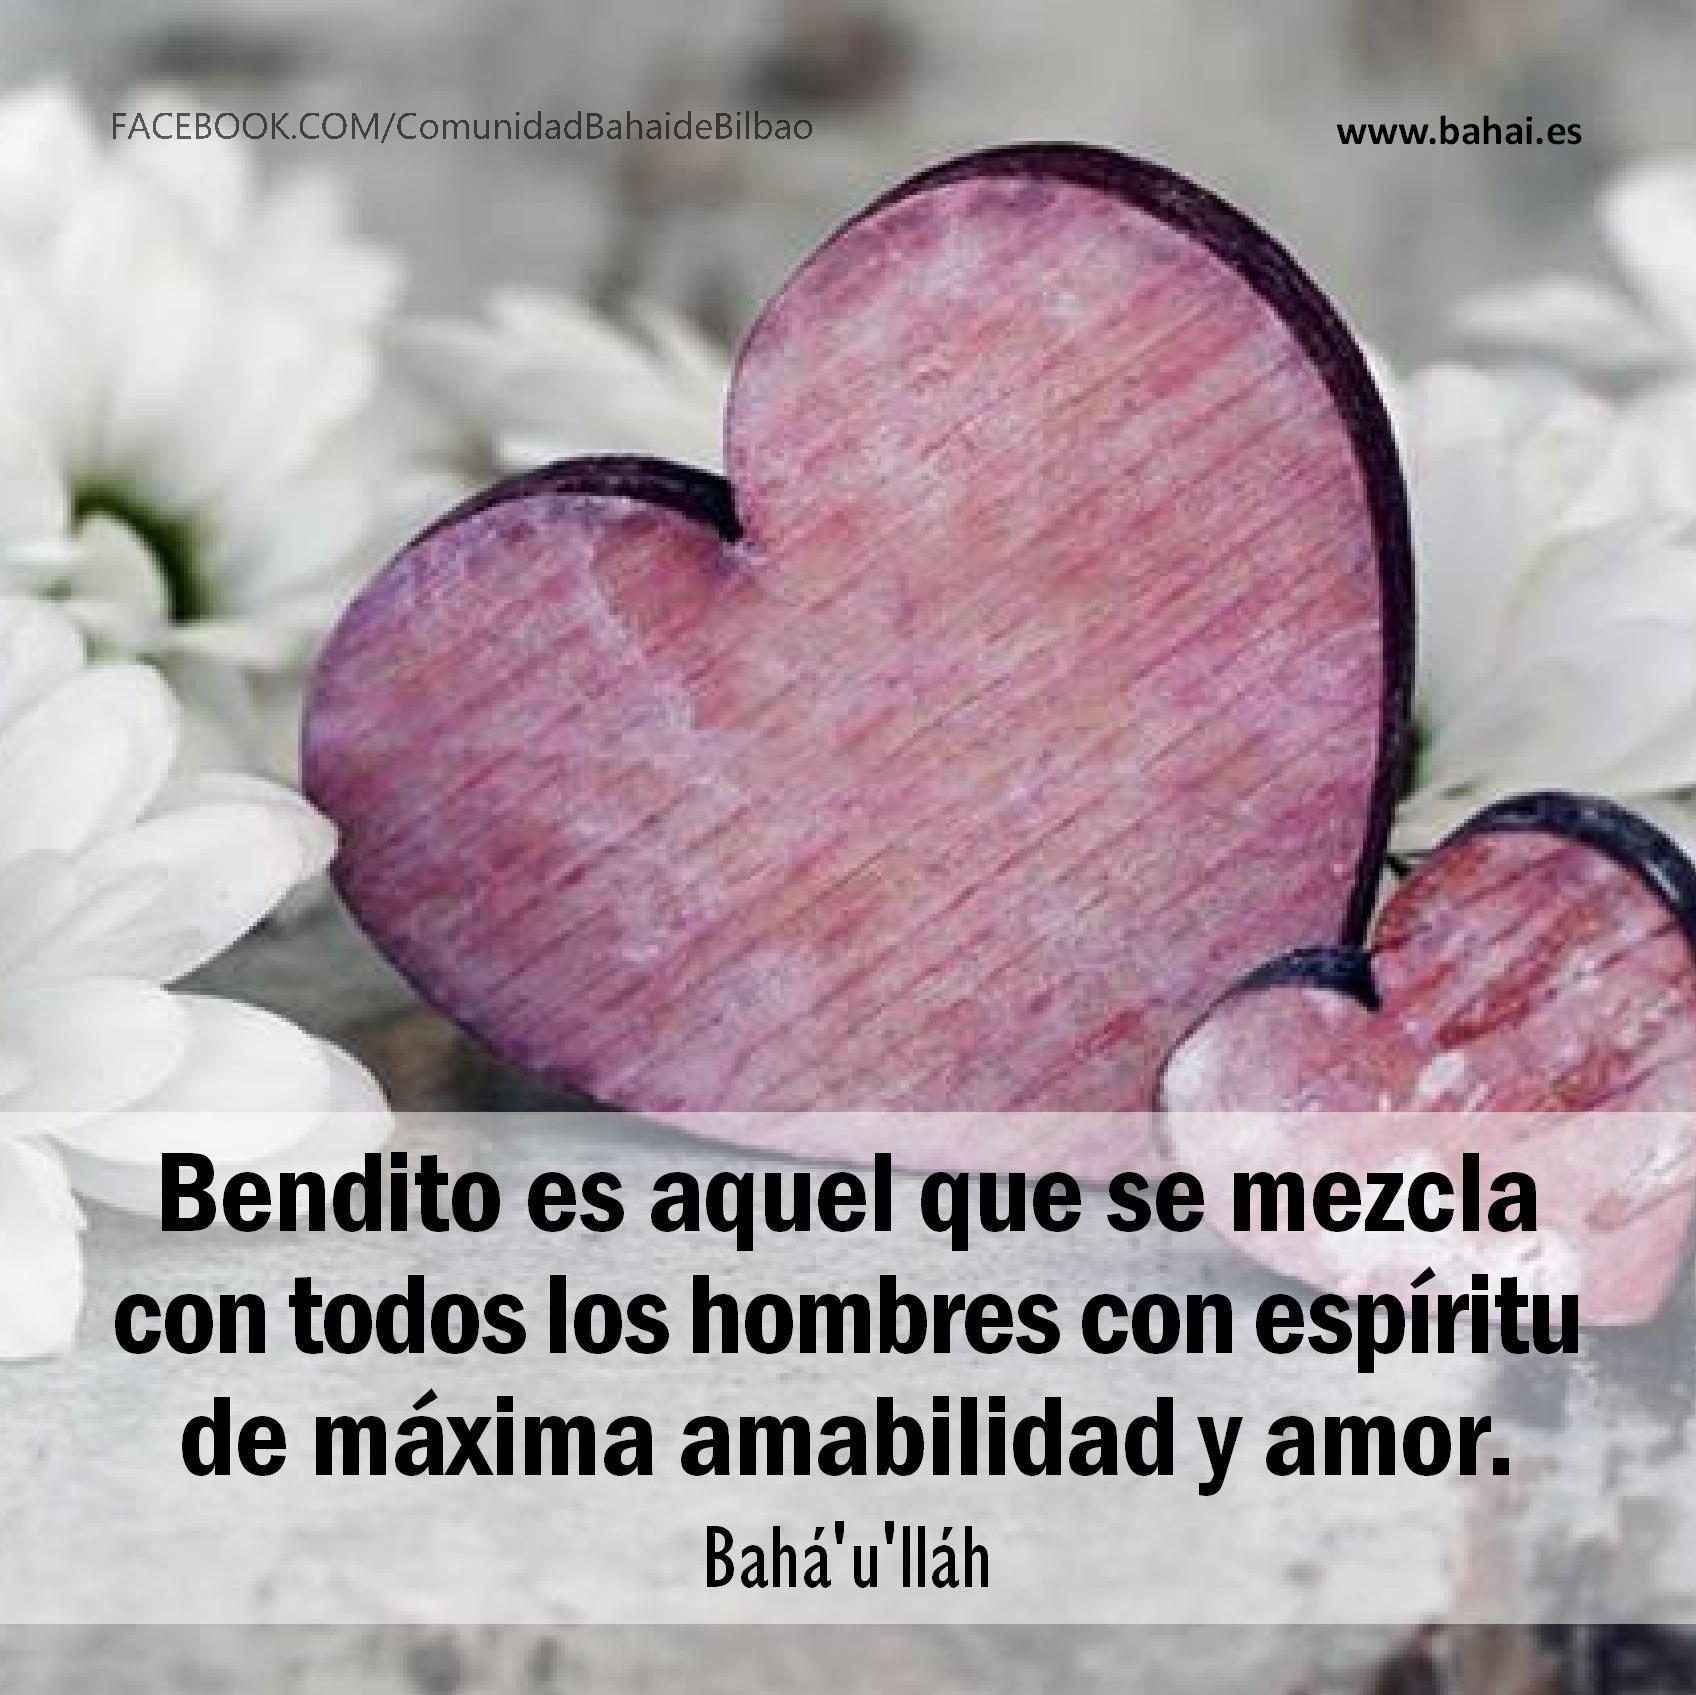 Bendito es aquel que se mezcla con todos los hombres con esptiru de máxima amabilidad y amor